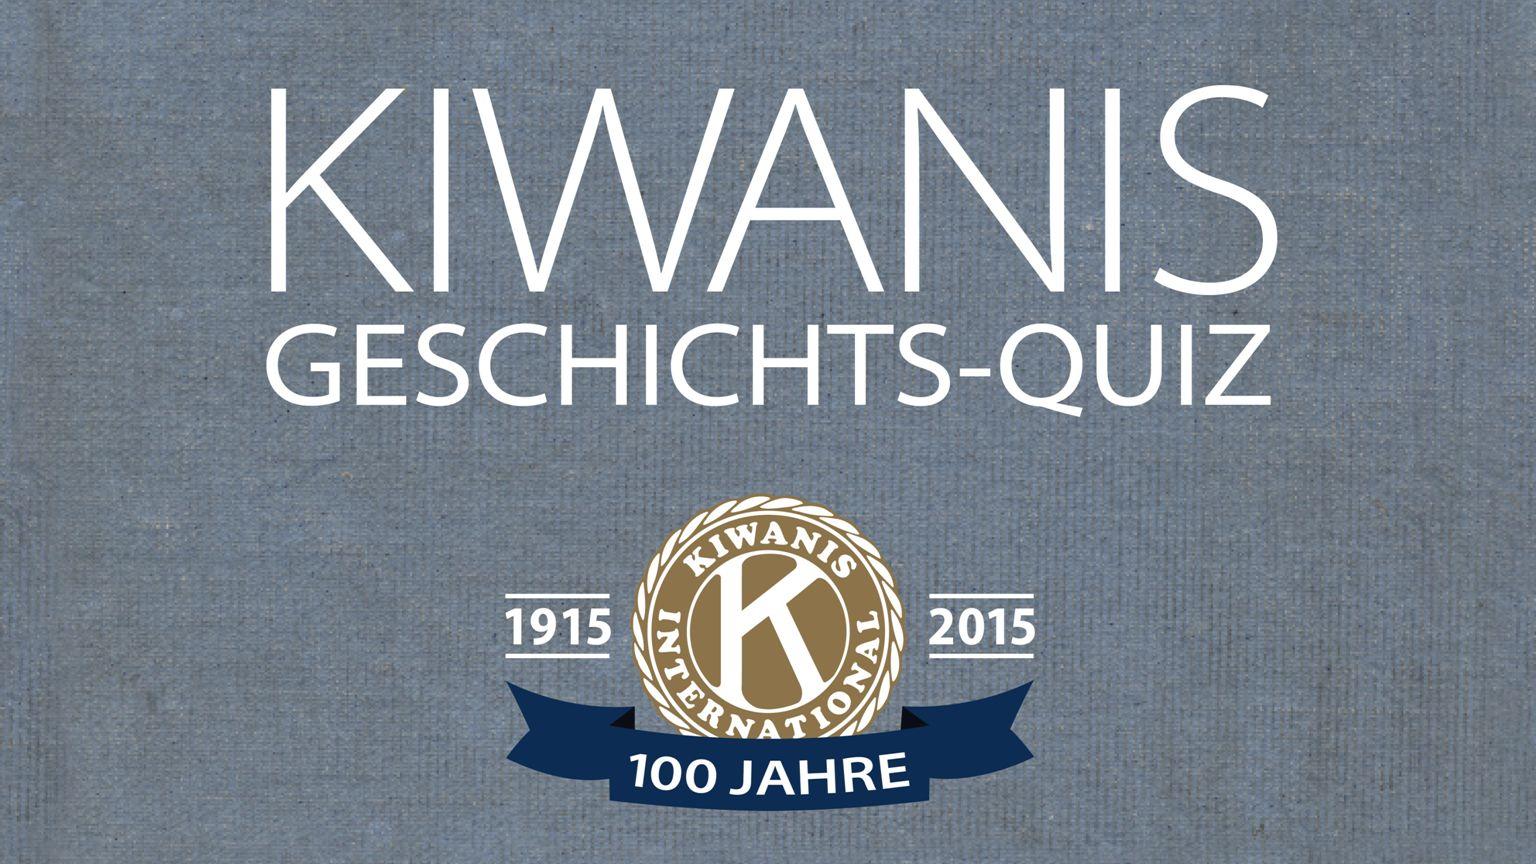 KIWANIS GESCHICHTS-QUIZ